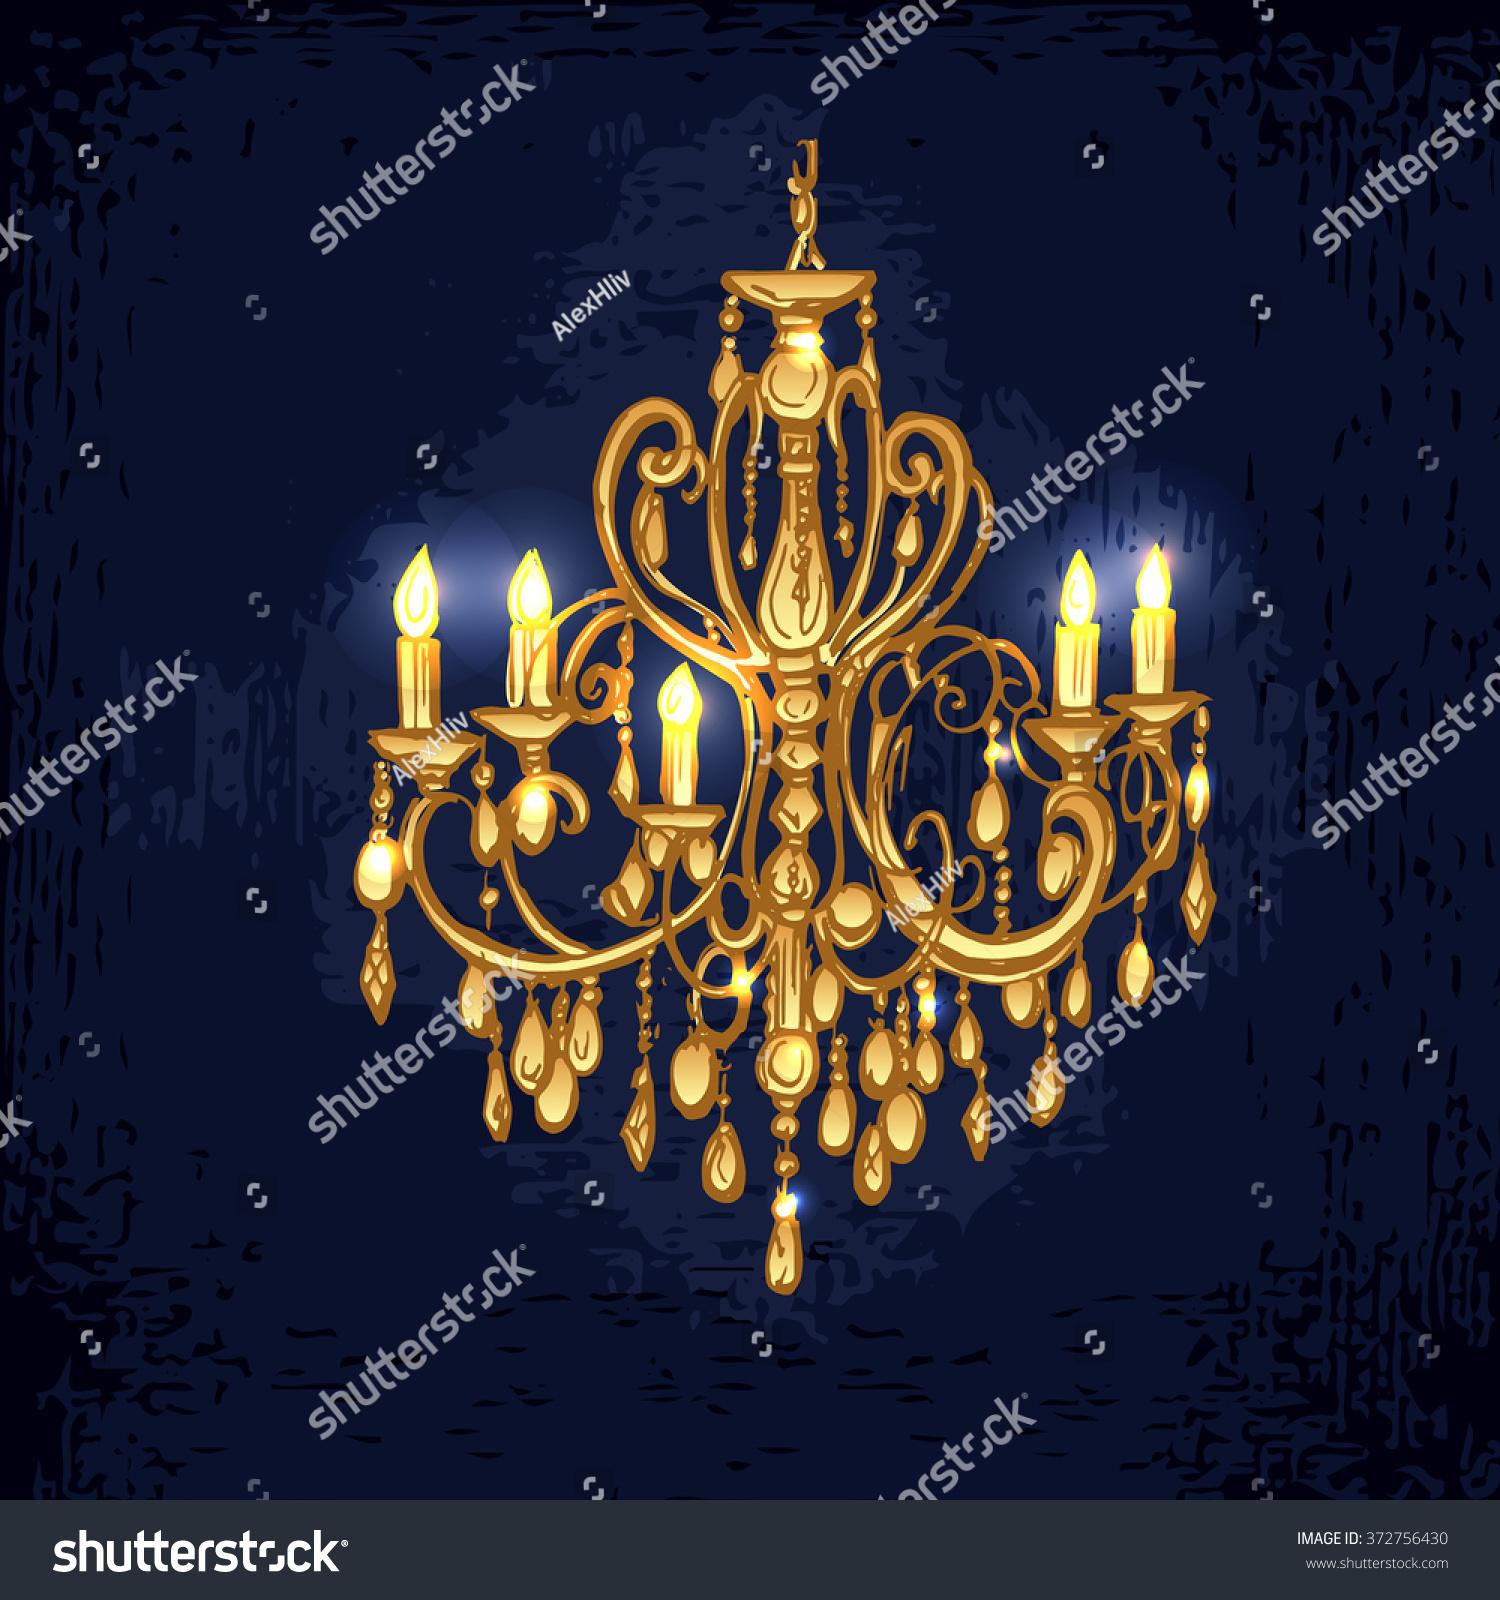 Golden chandelier hand drawn chandelier dark stock vector golden chandelier hand drawn chandelier in dark room vector chandelier chandelier with candles arubaitofo Gallery